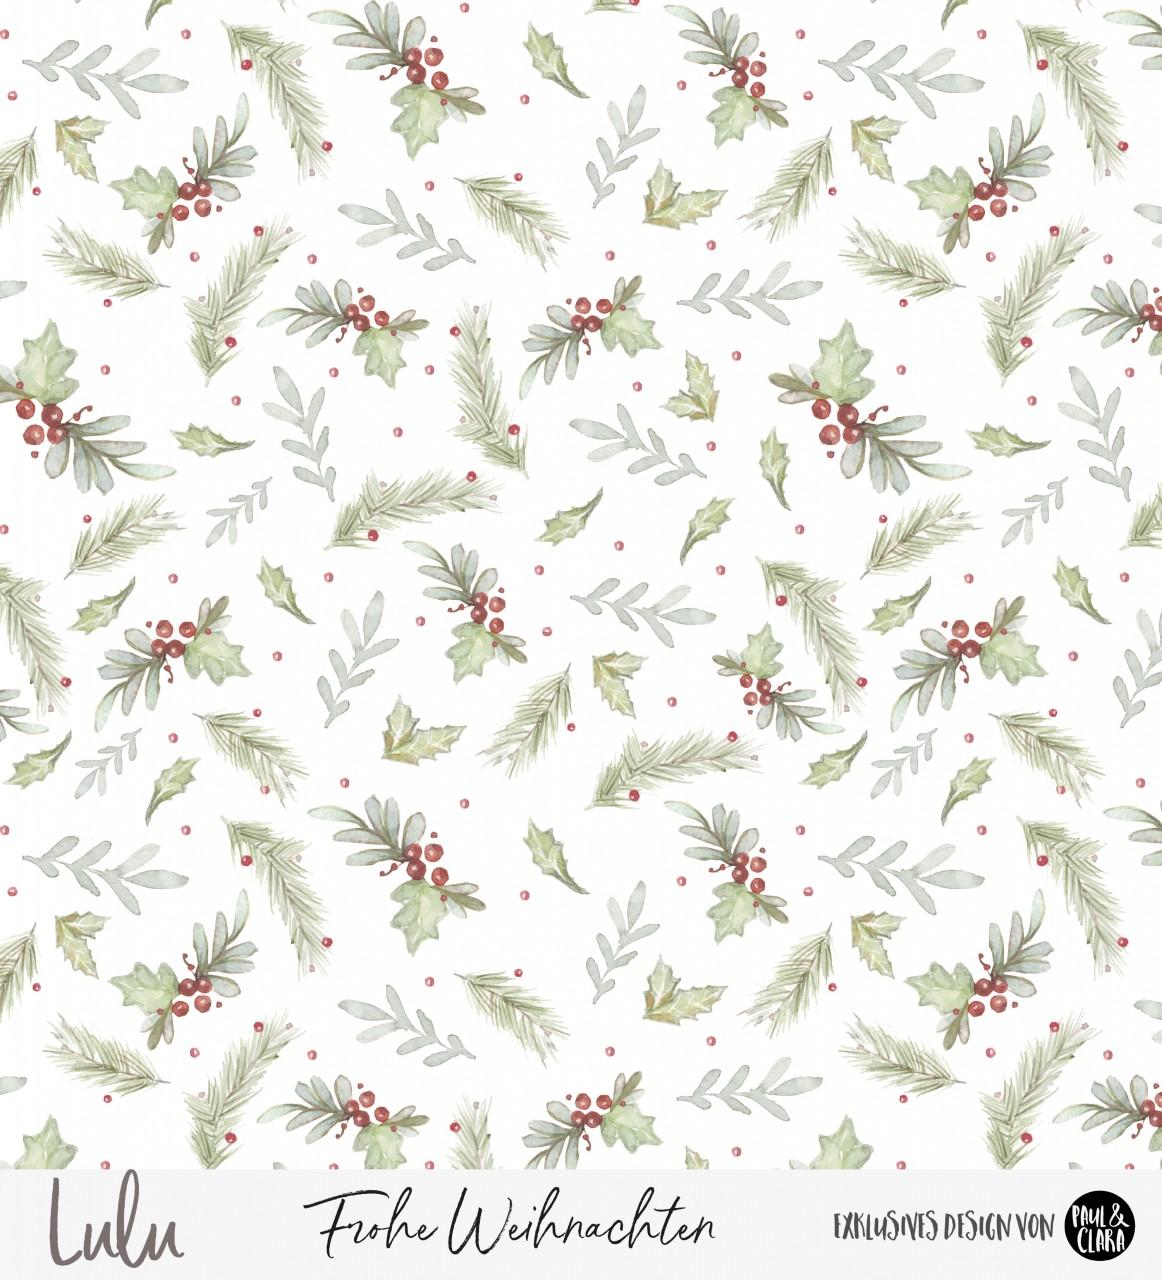 Lulu Weihnachten - Blumen Kombi *Bio-Sommersweat*